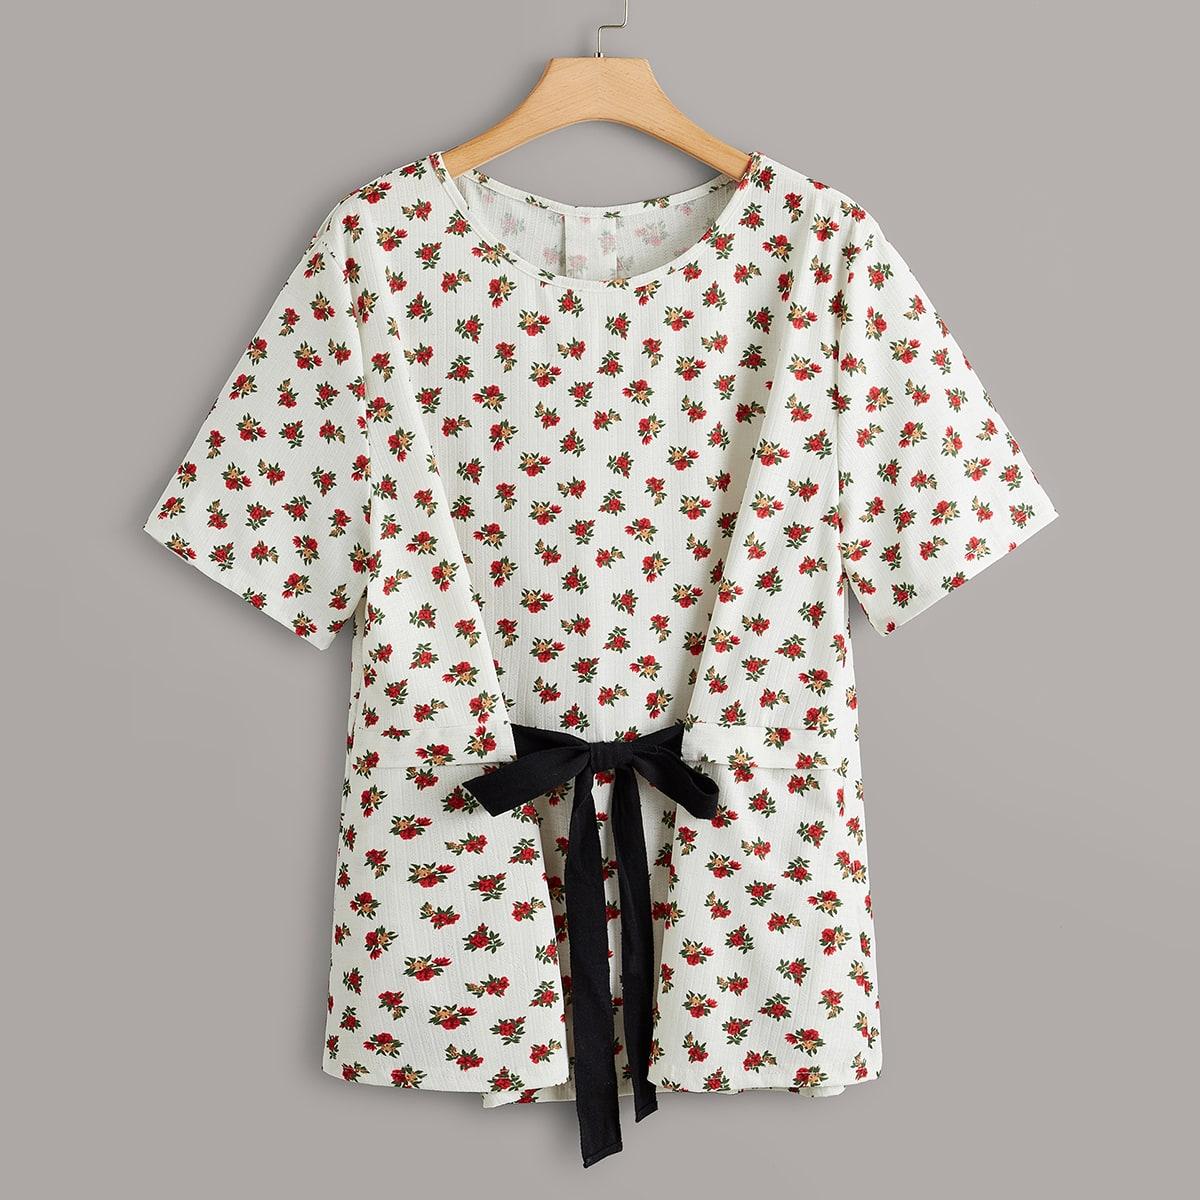 SHEIN / Bluse mit Blümchen Muster und Knoten